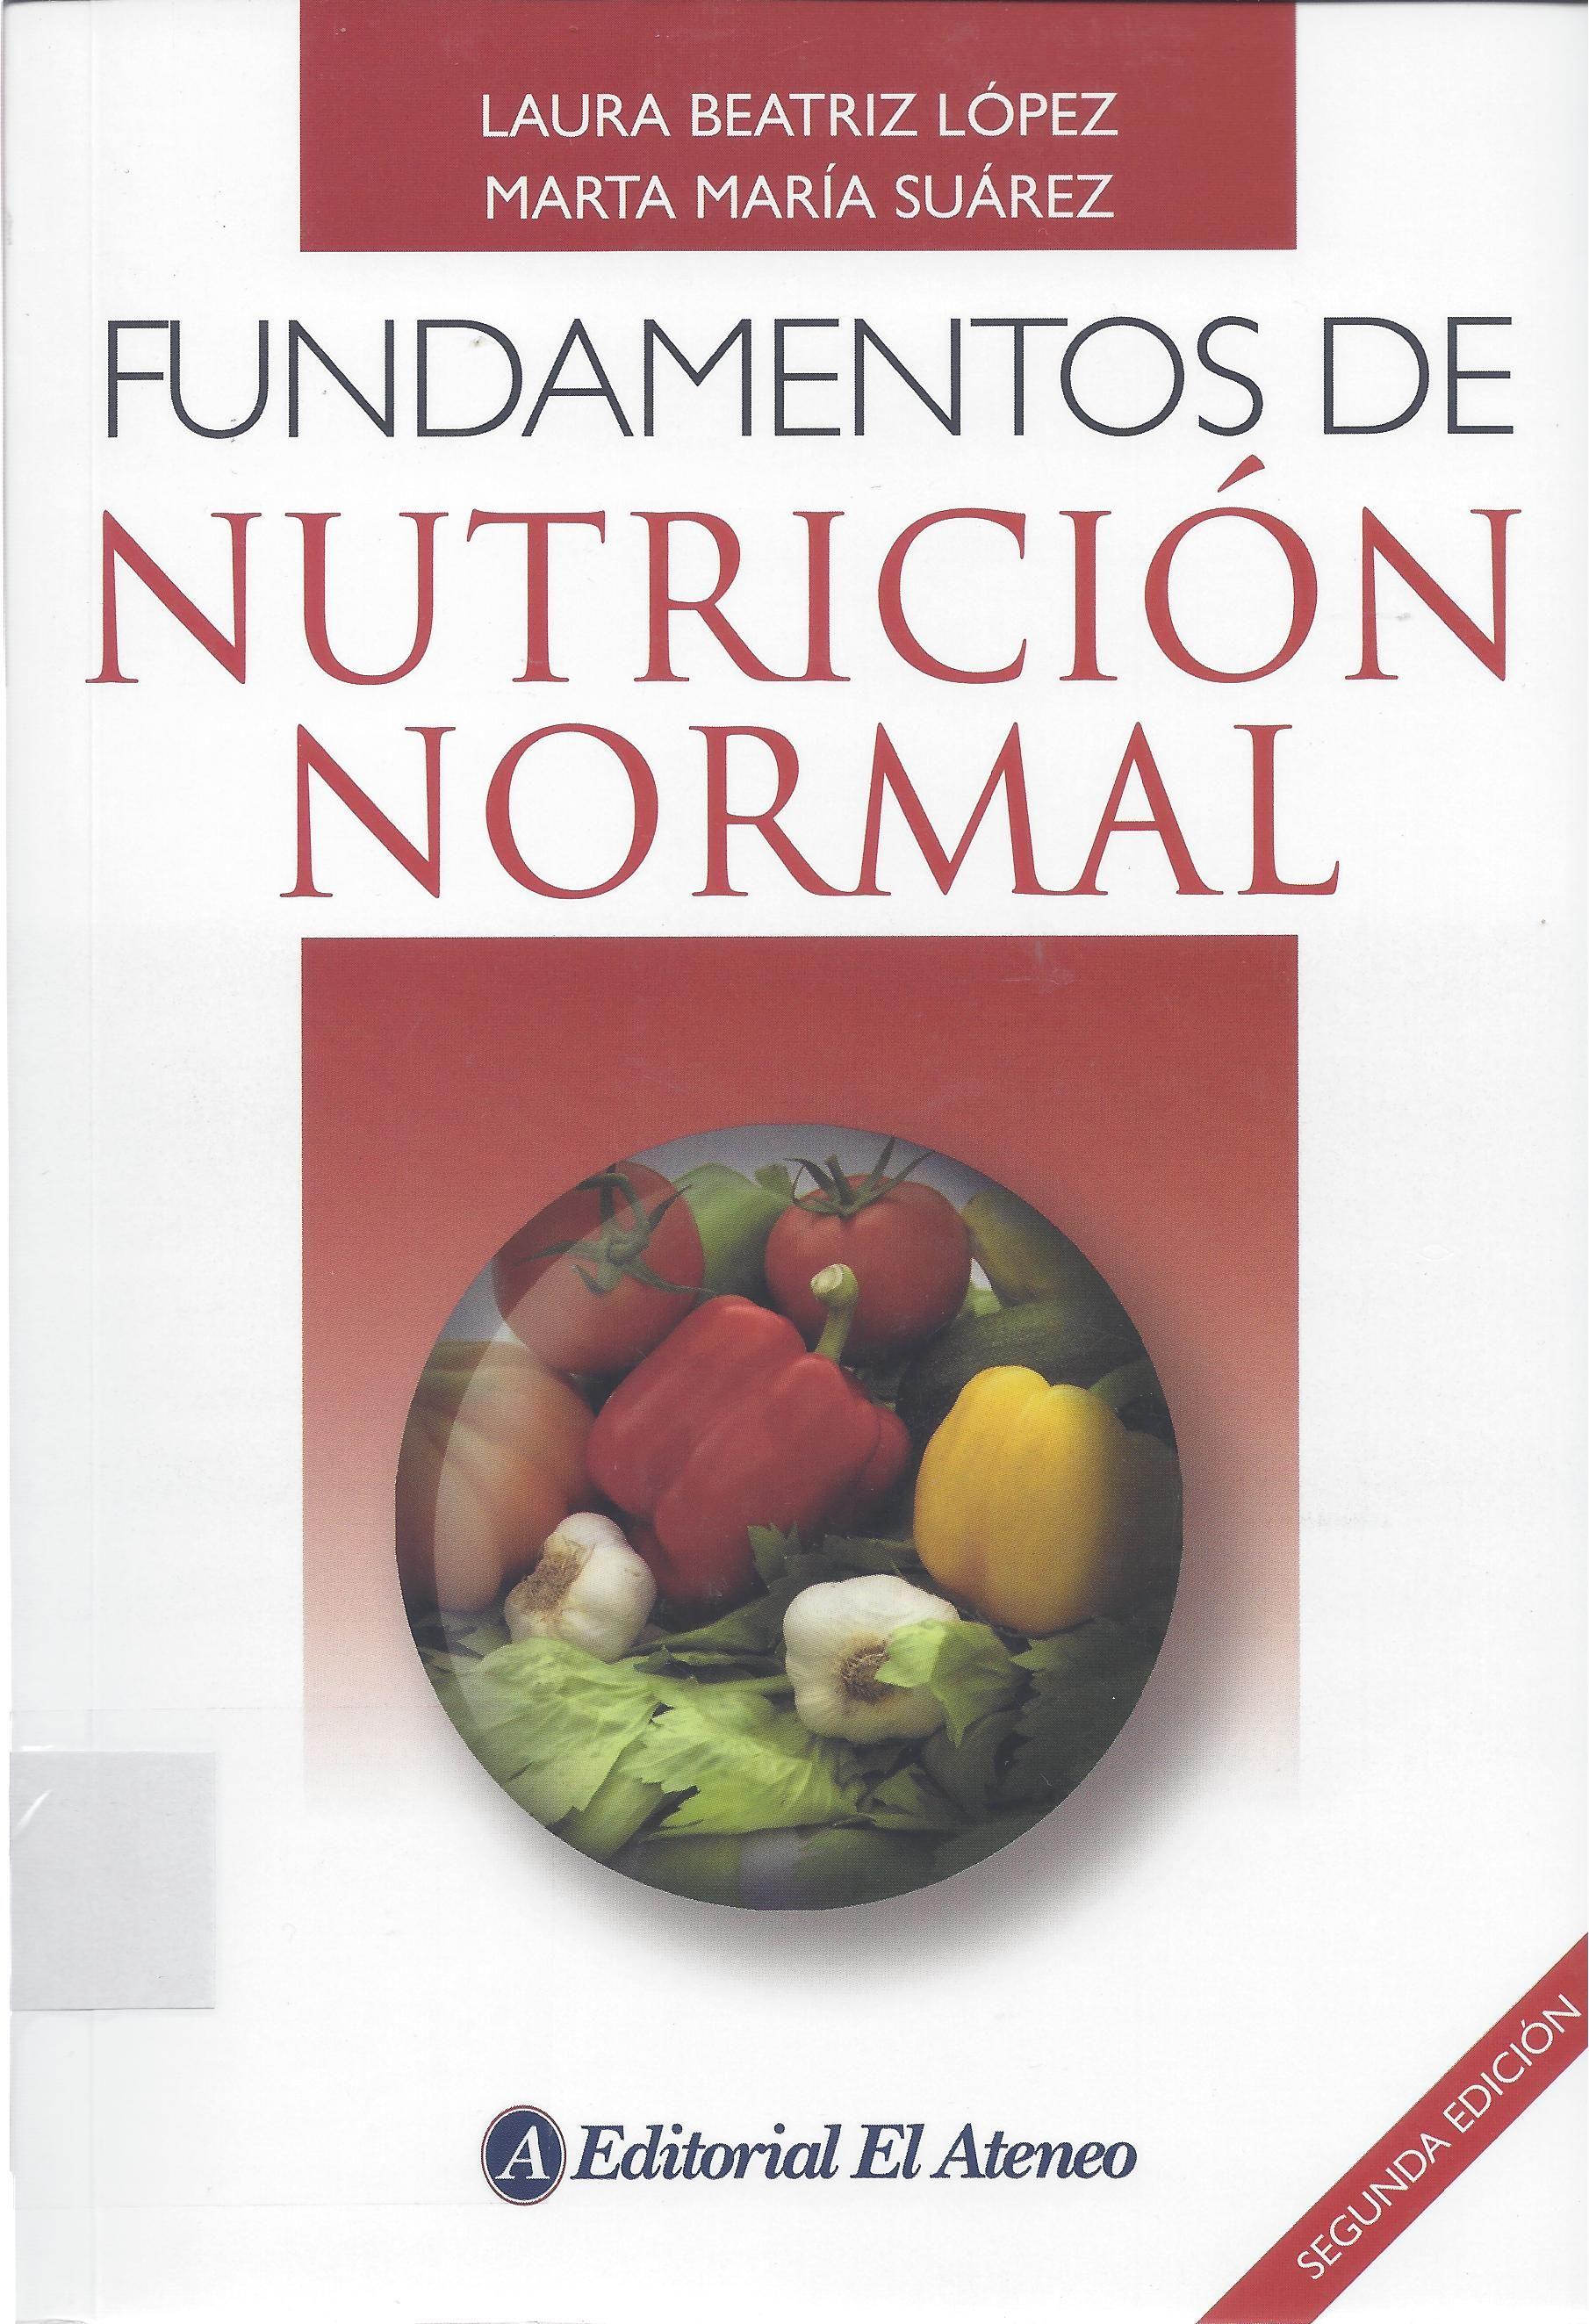 230 Ideas De Bibliografías Adquiridas Bioquimica Libros Libro De Biologia Libro De Algebra